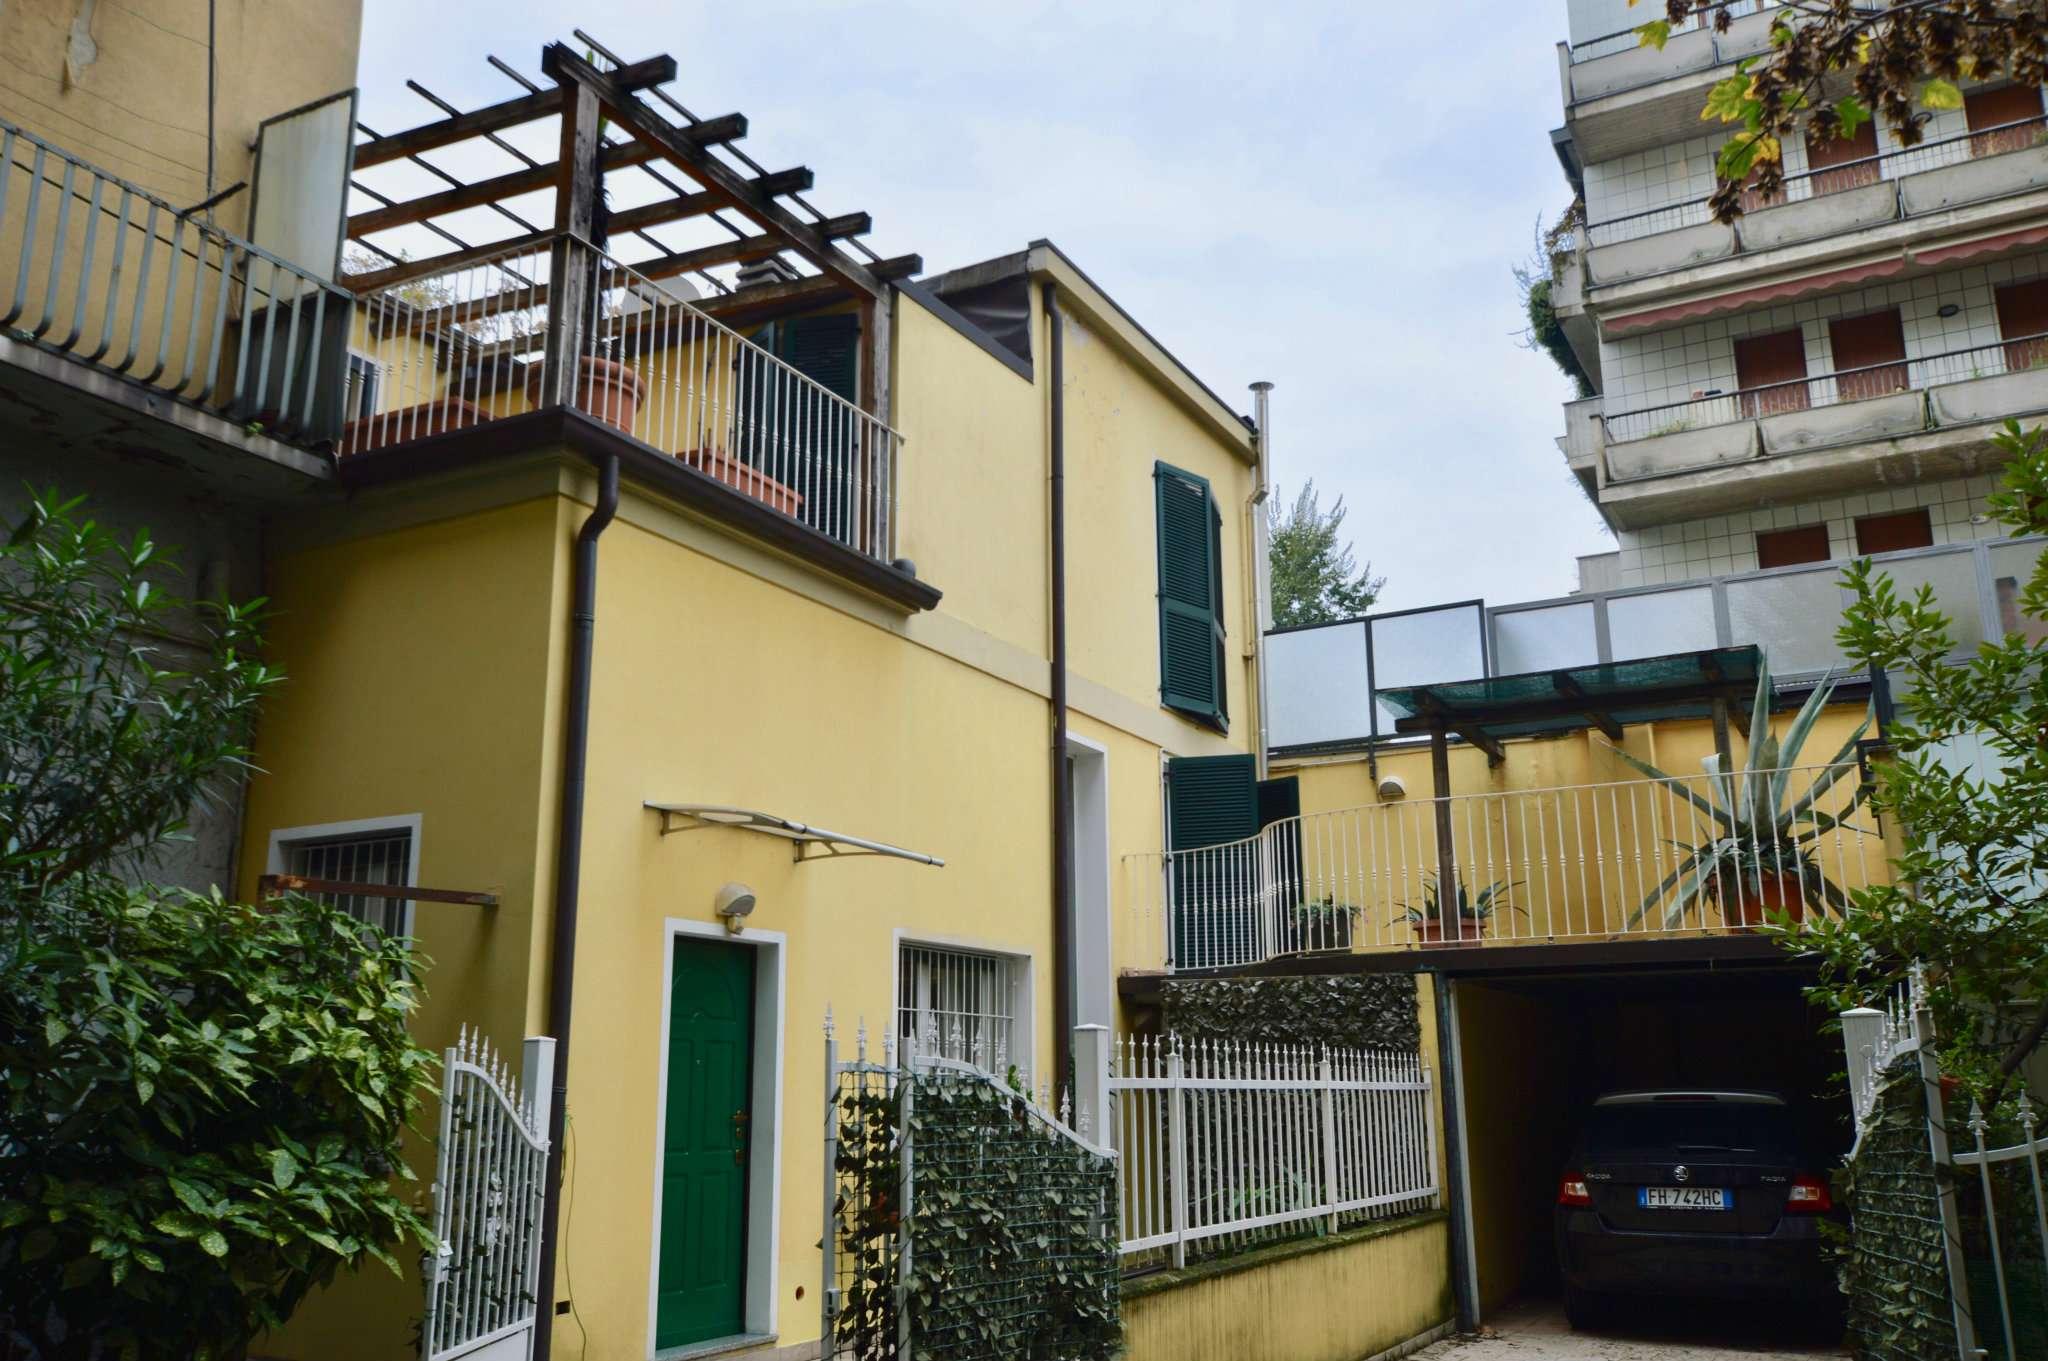 Villa in vendita a Milano, 4 locali, zona Zona: 6 . V Giornate, XXII Marzo, P.ta Romana, Viale Corsica, Tribunale, Policlinico, prezzo € 890.000   CambioCasa.it